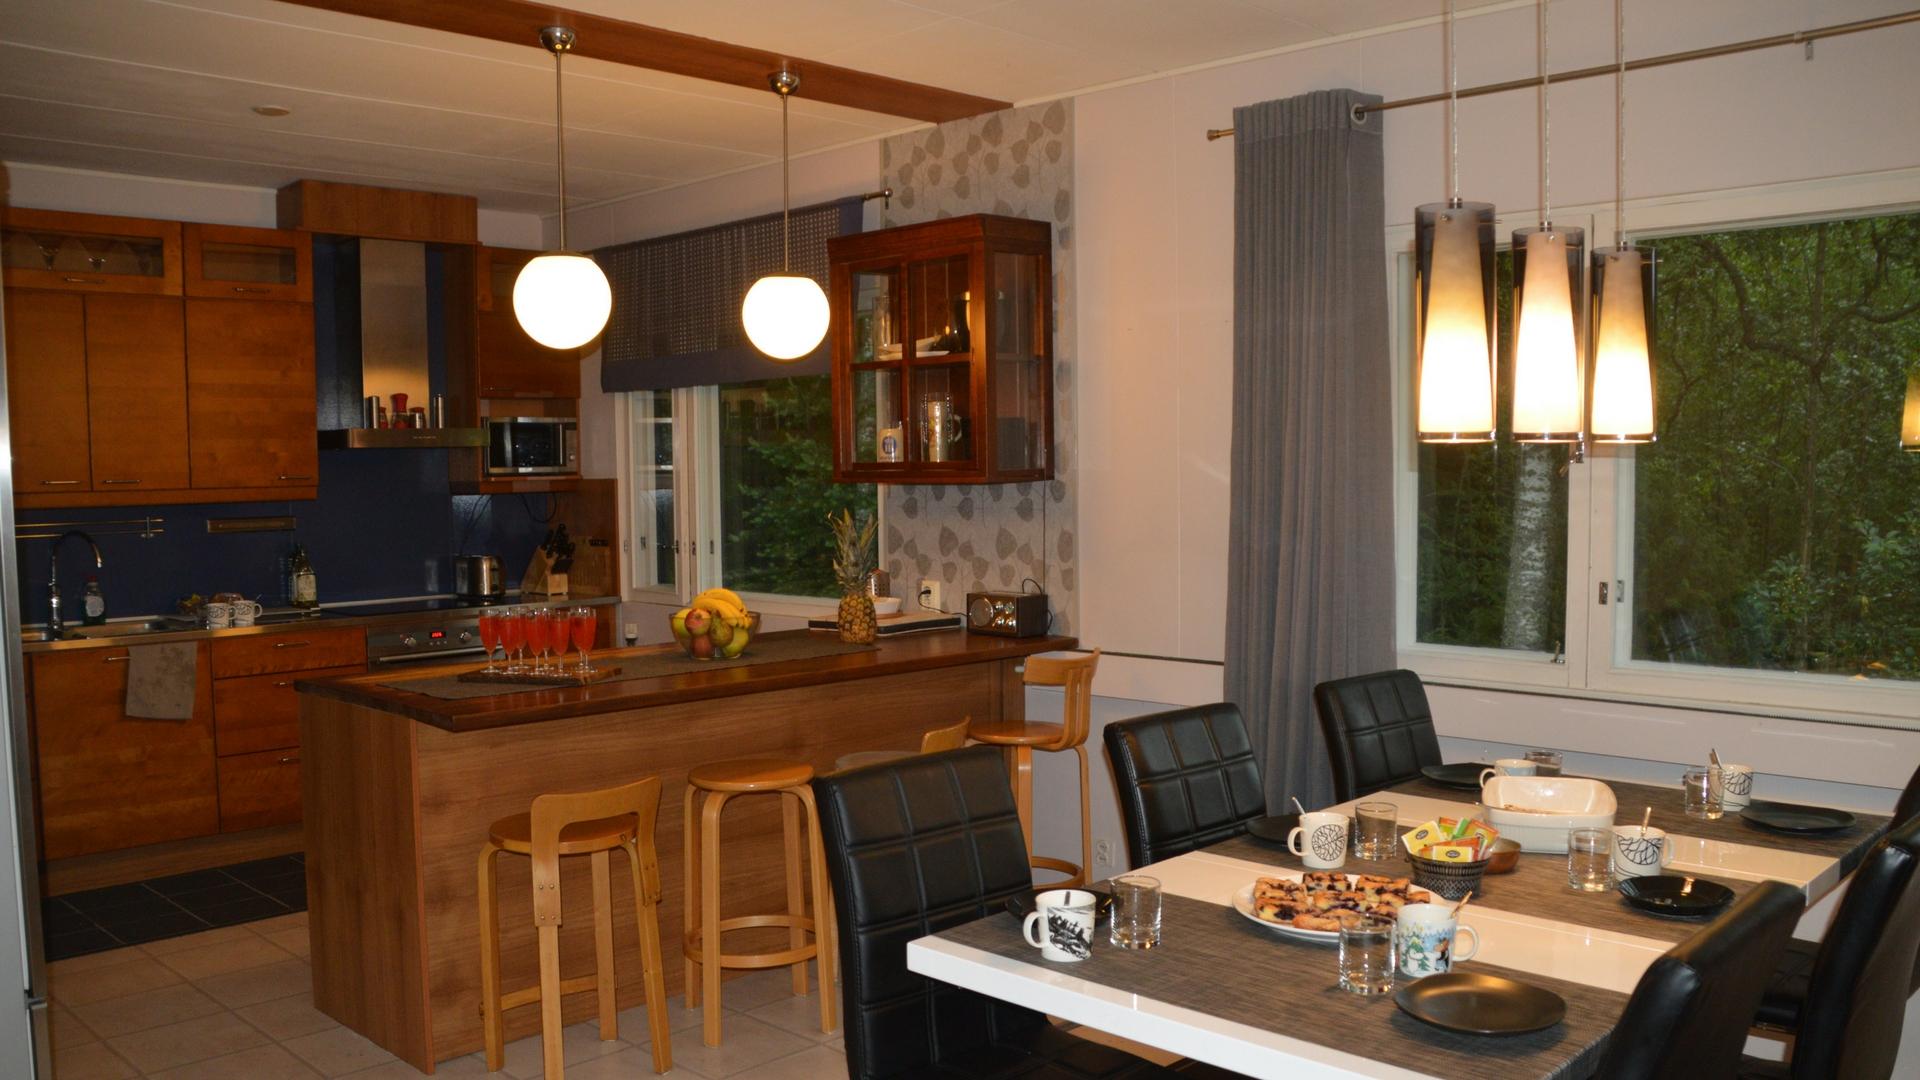 live-like-a-local-homestay-in-orivesi-008.jpg